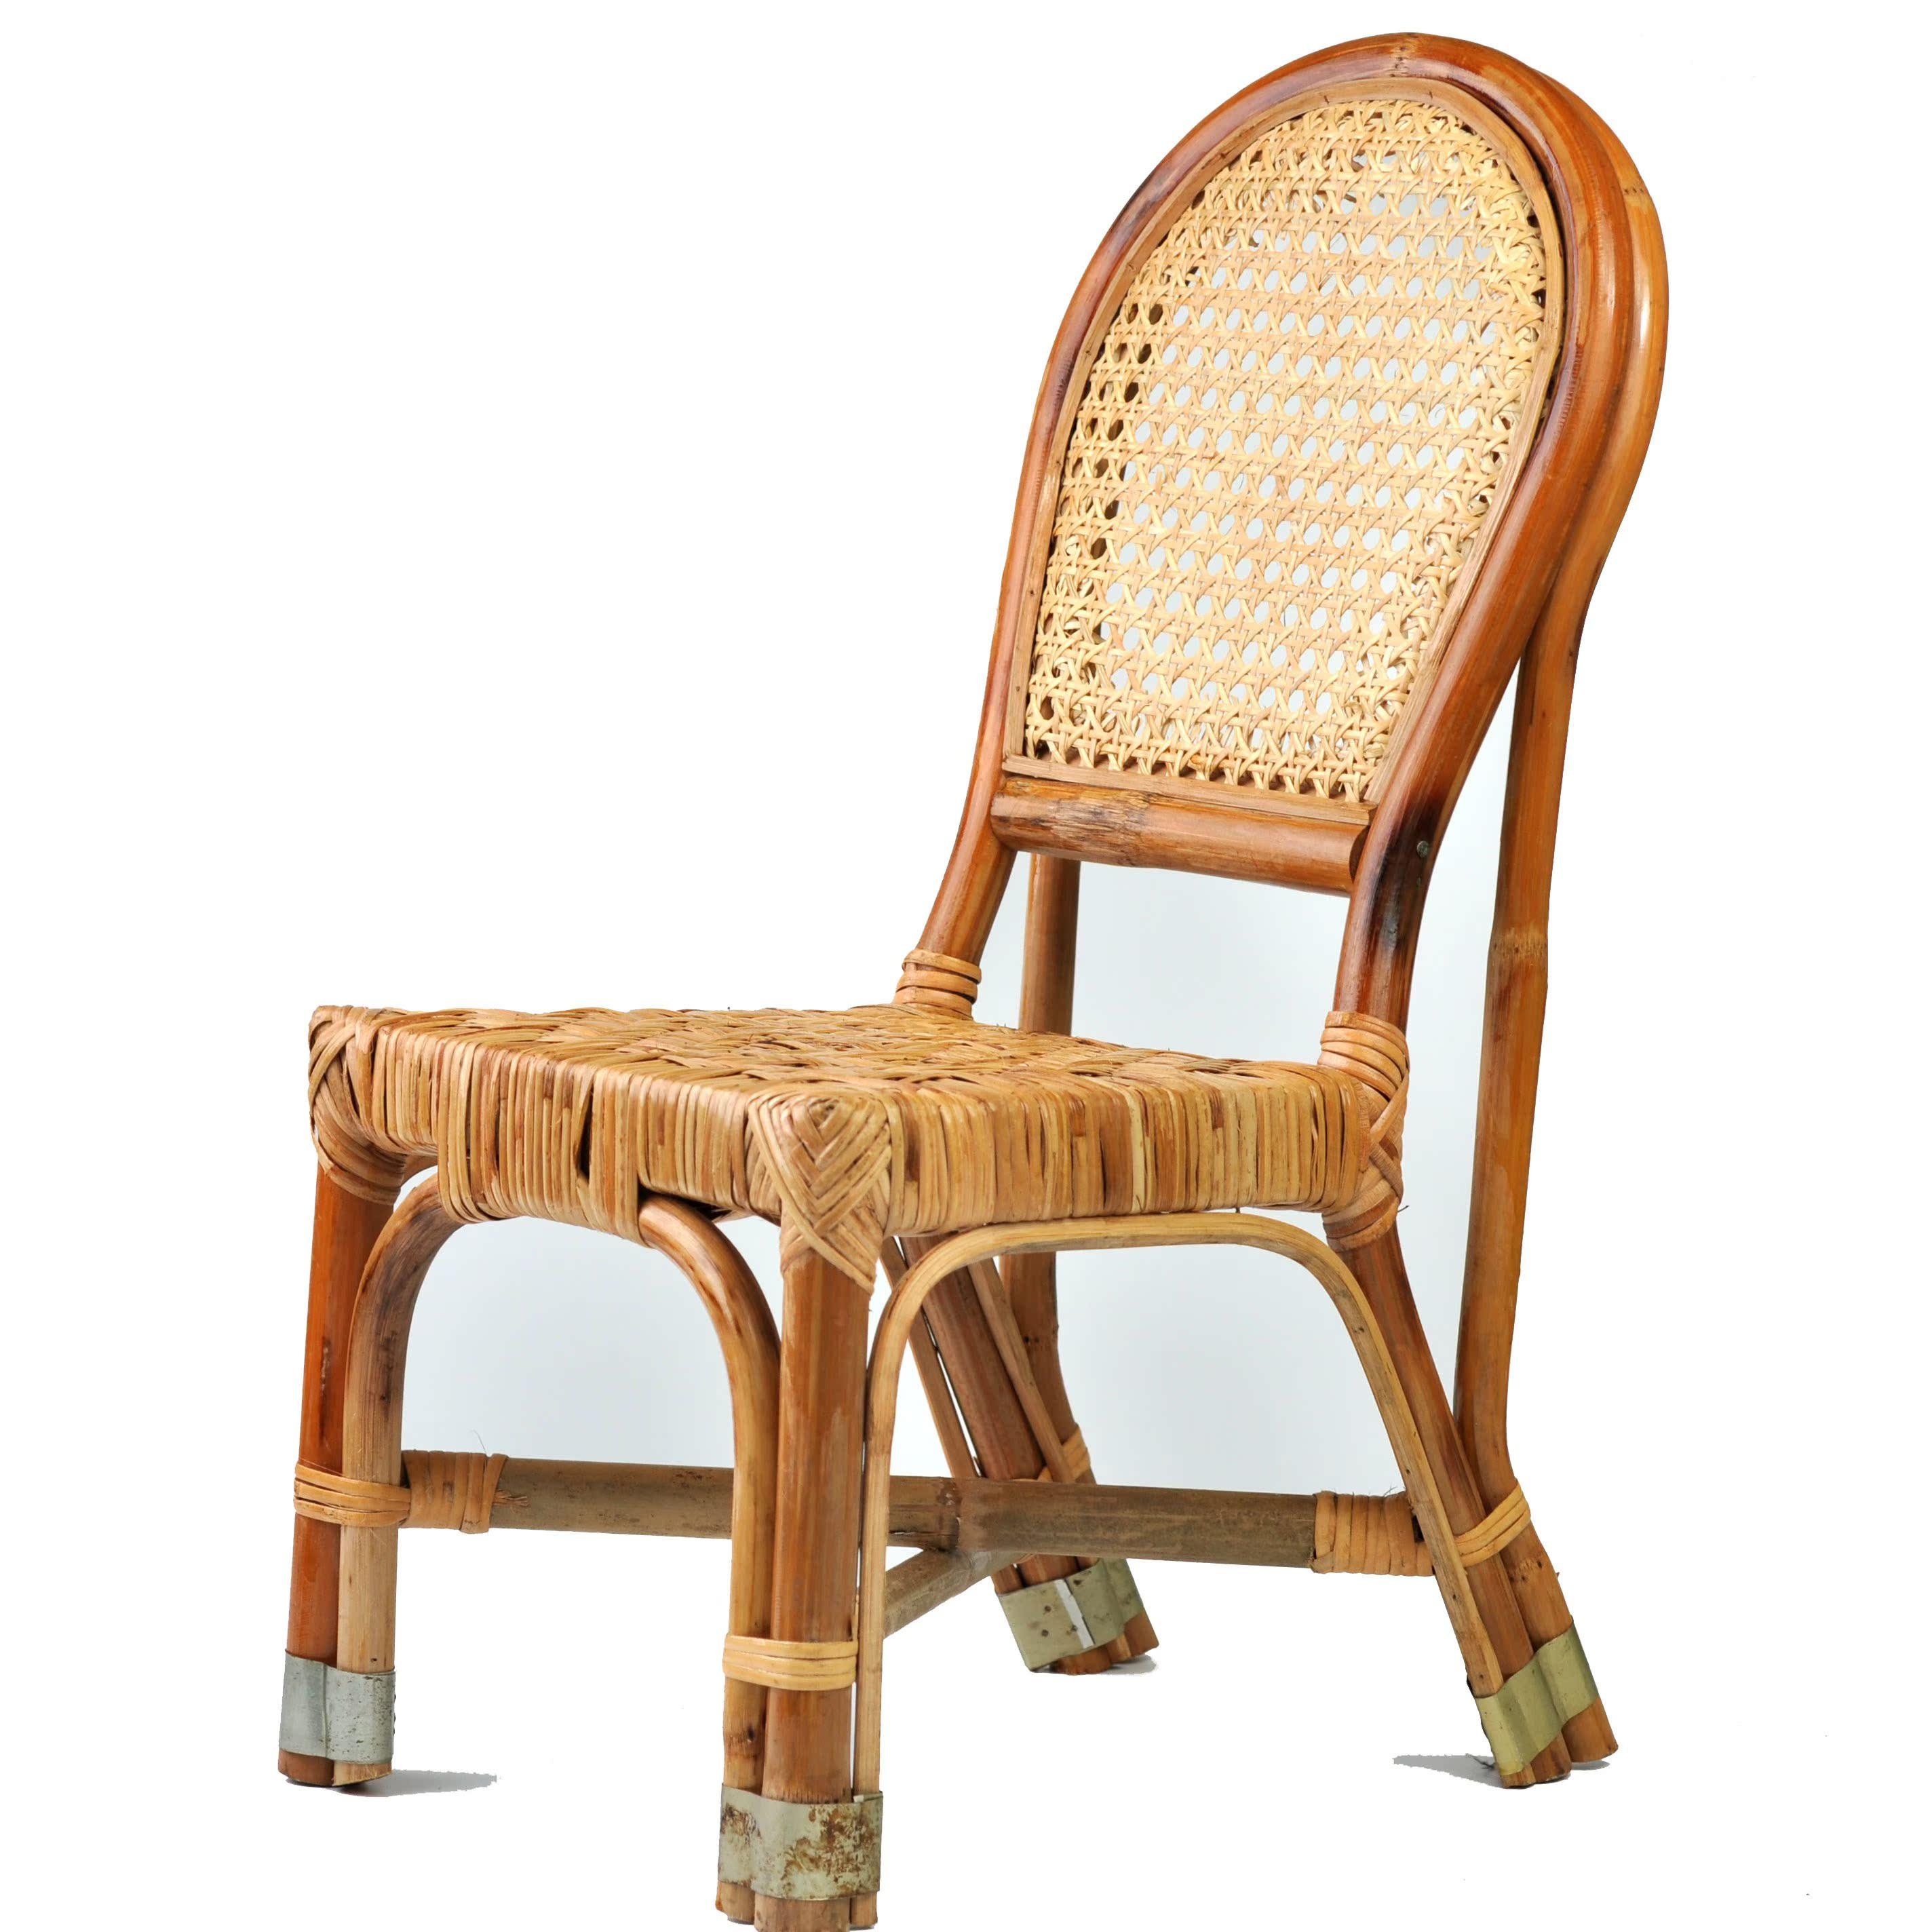 传统手工藤椅椅子靠背凳手工藤椅酒吧椅子清吧靠背椅藤篾凳爷爷椅